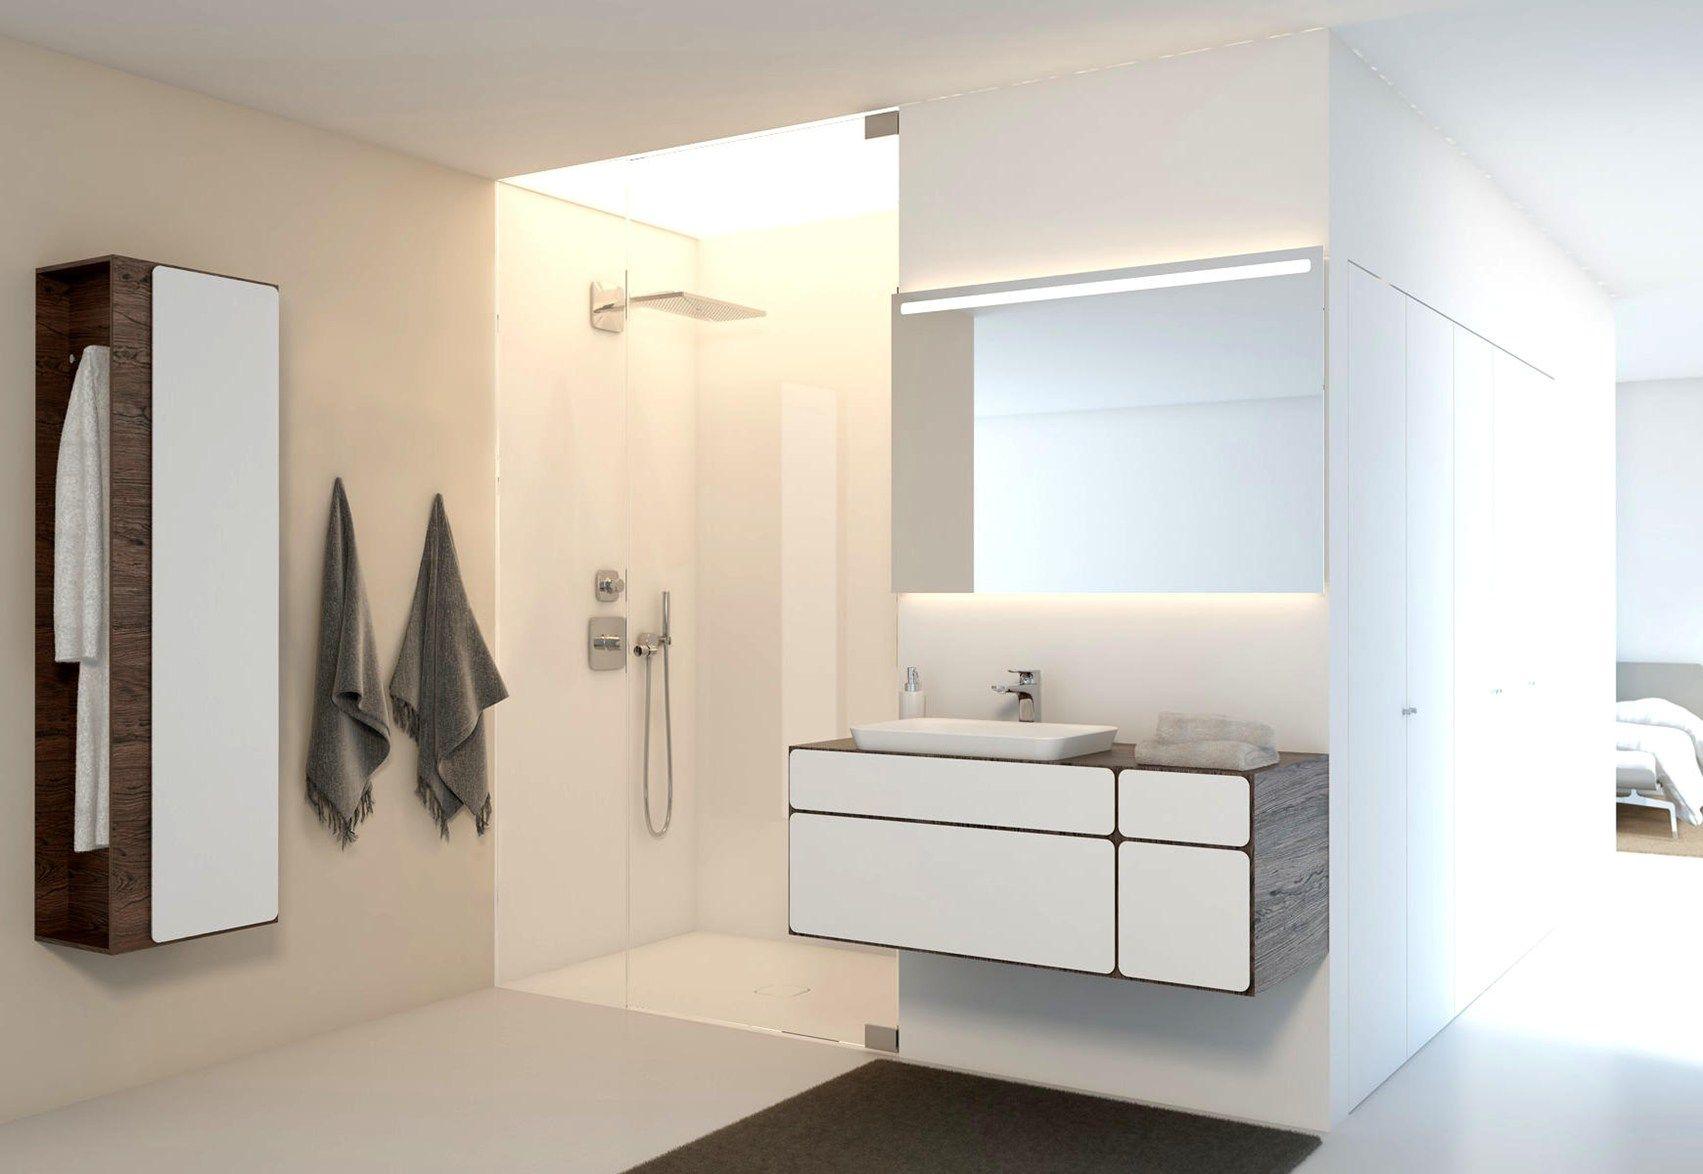 mood die neue badlinie f r alle sinne von talsee. Black Bedroom Furniture Sets. Home Design Ideas